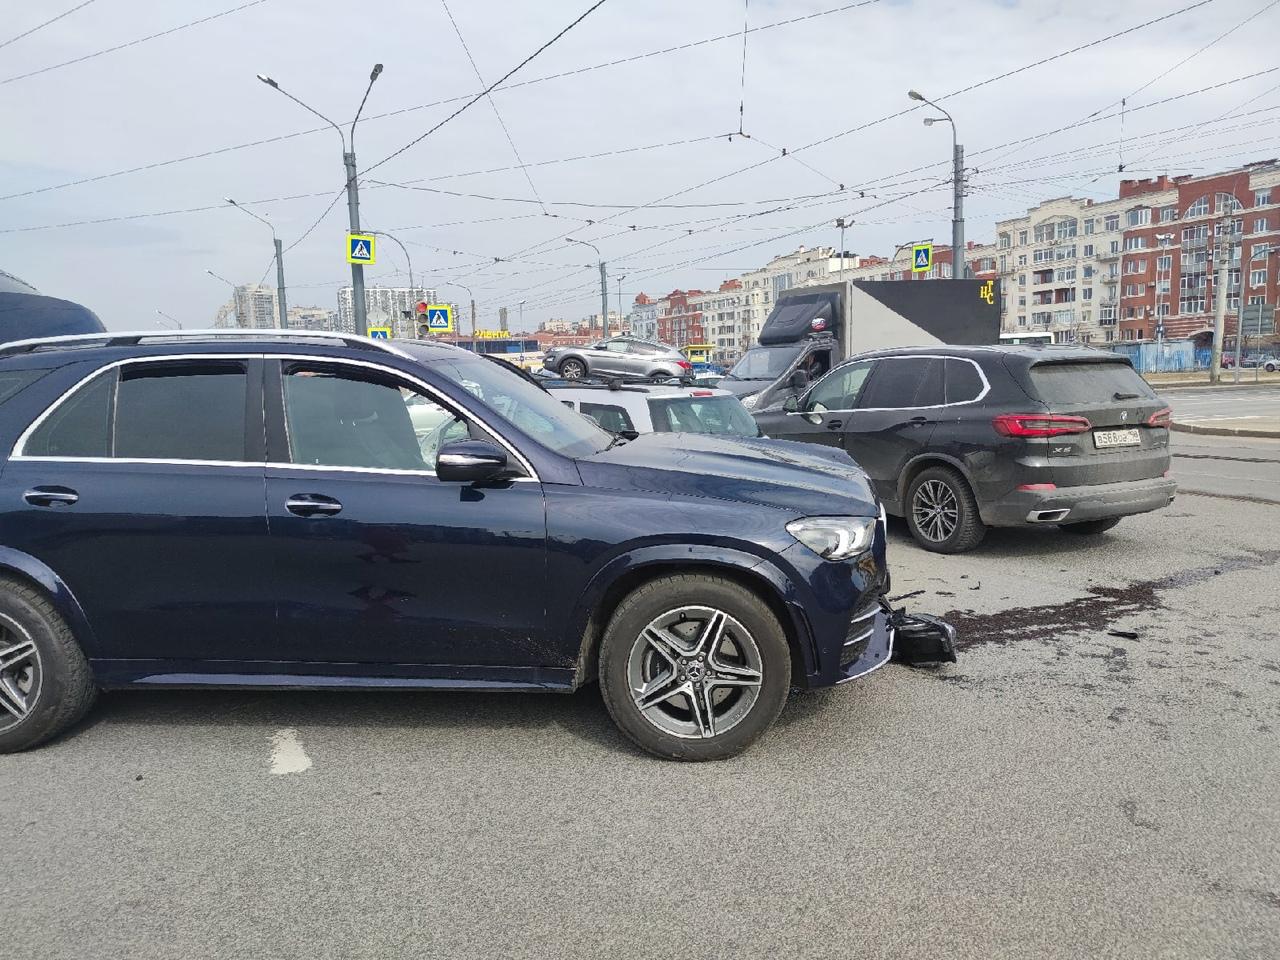 На пересечении Выборгского шоссе и проспекта Луначарского 13 апреля примерно с 11:30 до 12:00 дня пр...